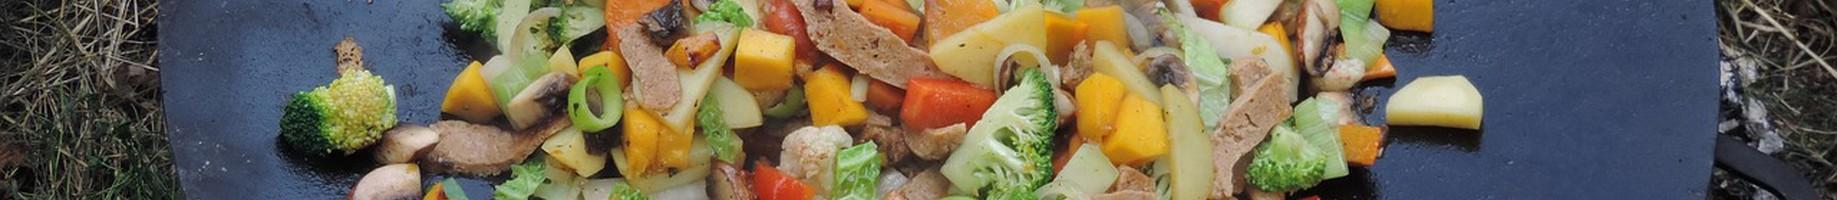 vegetables-947029_1280